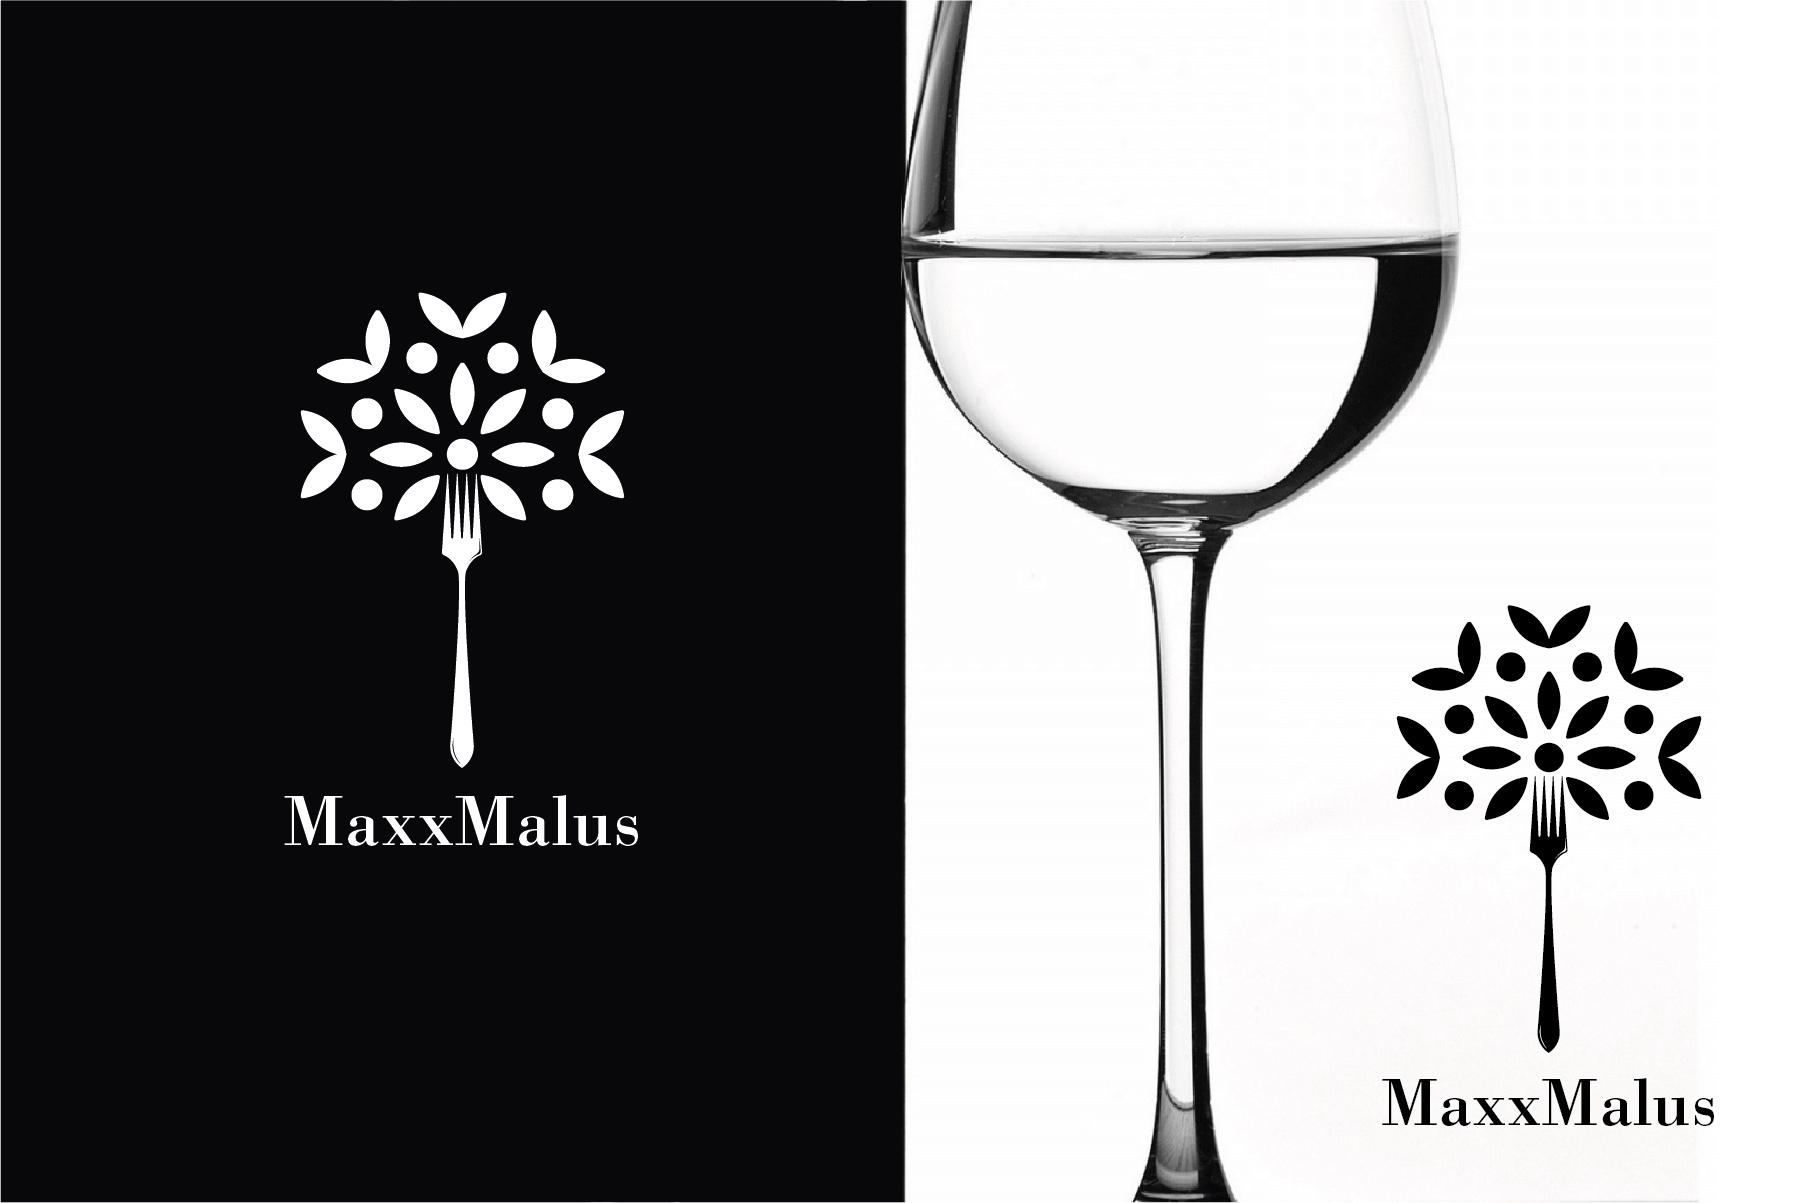 Логотип для нового бренда повседневной посуды фото f_2335ba1301dea2ec.jpg